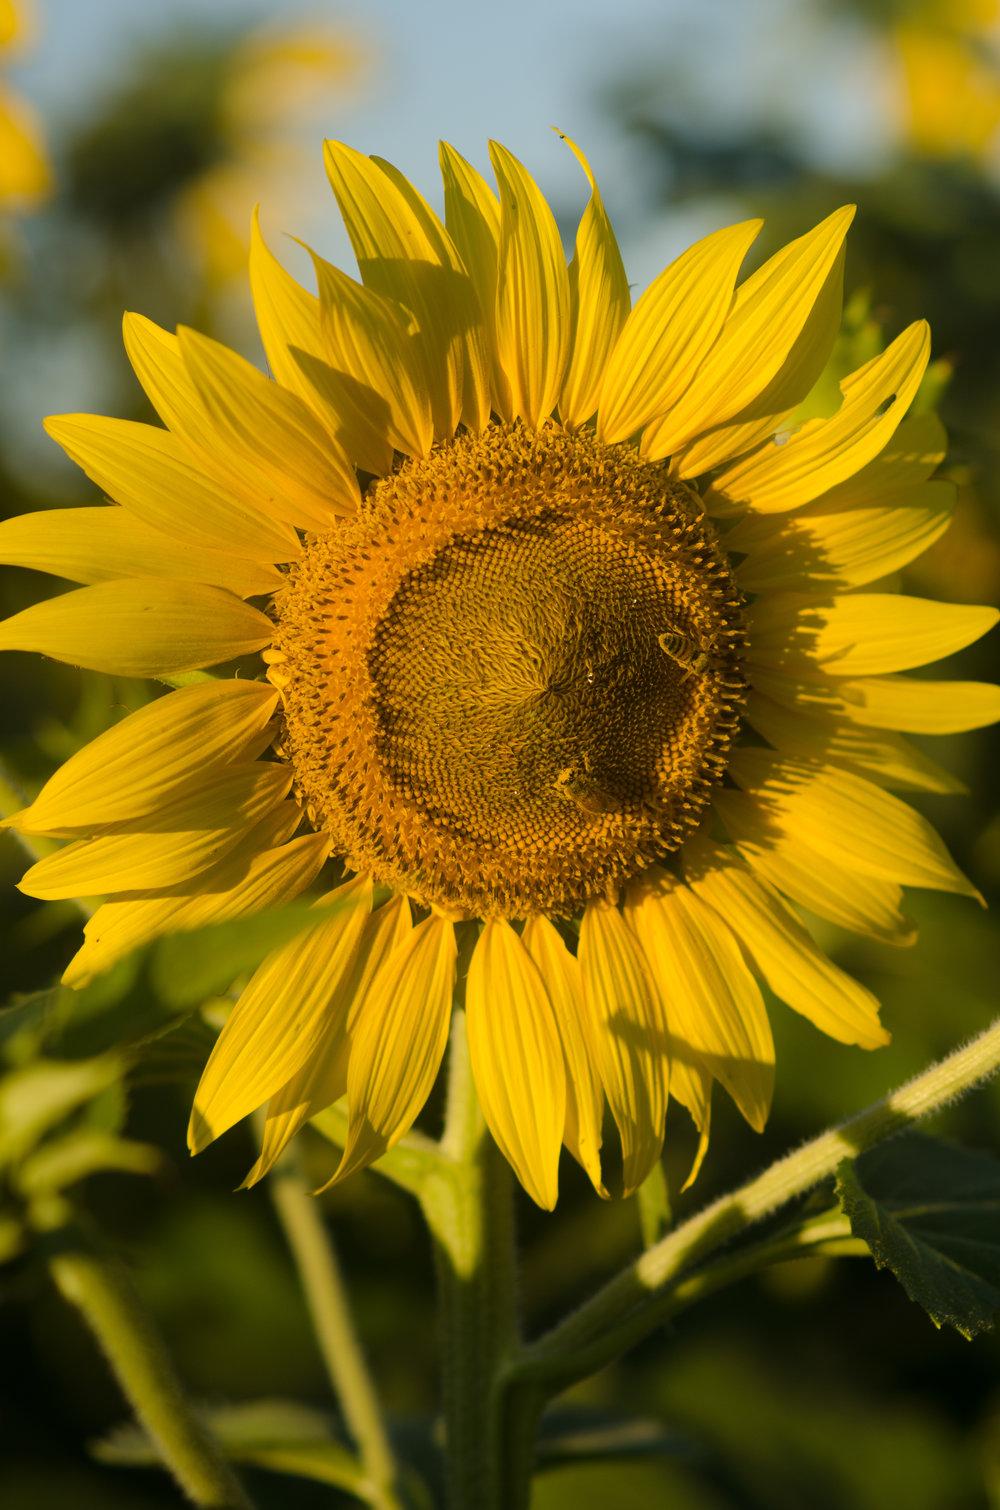 Sunflower-58.jpg